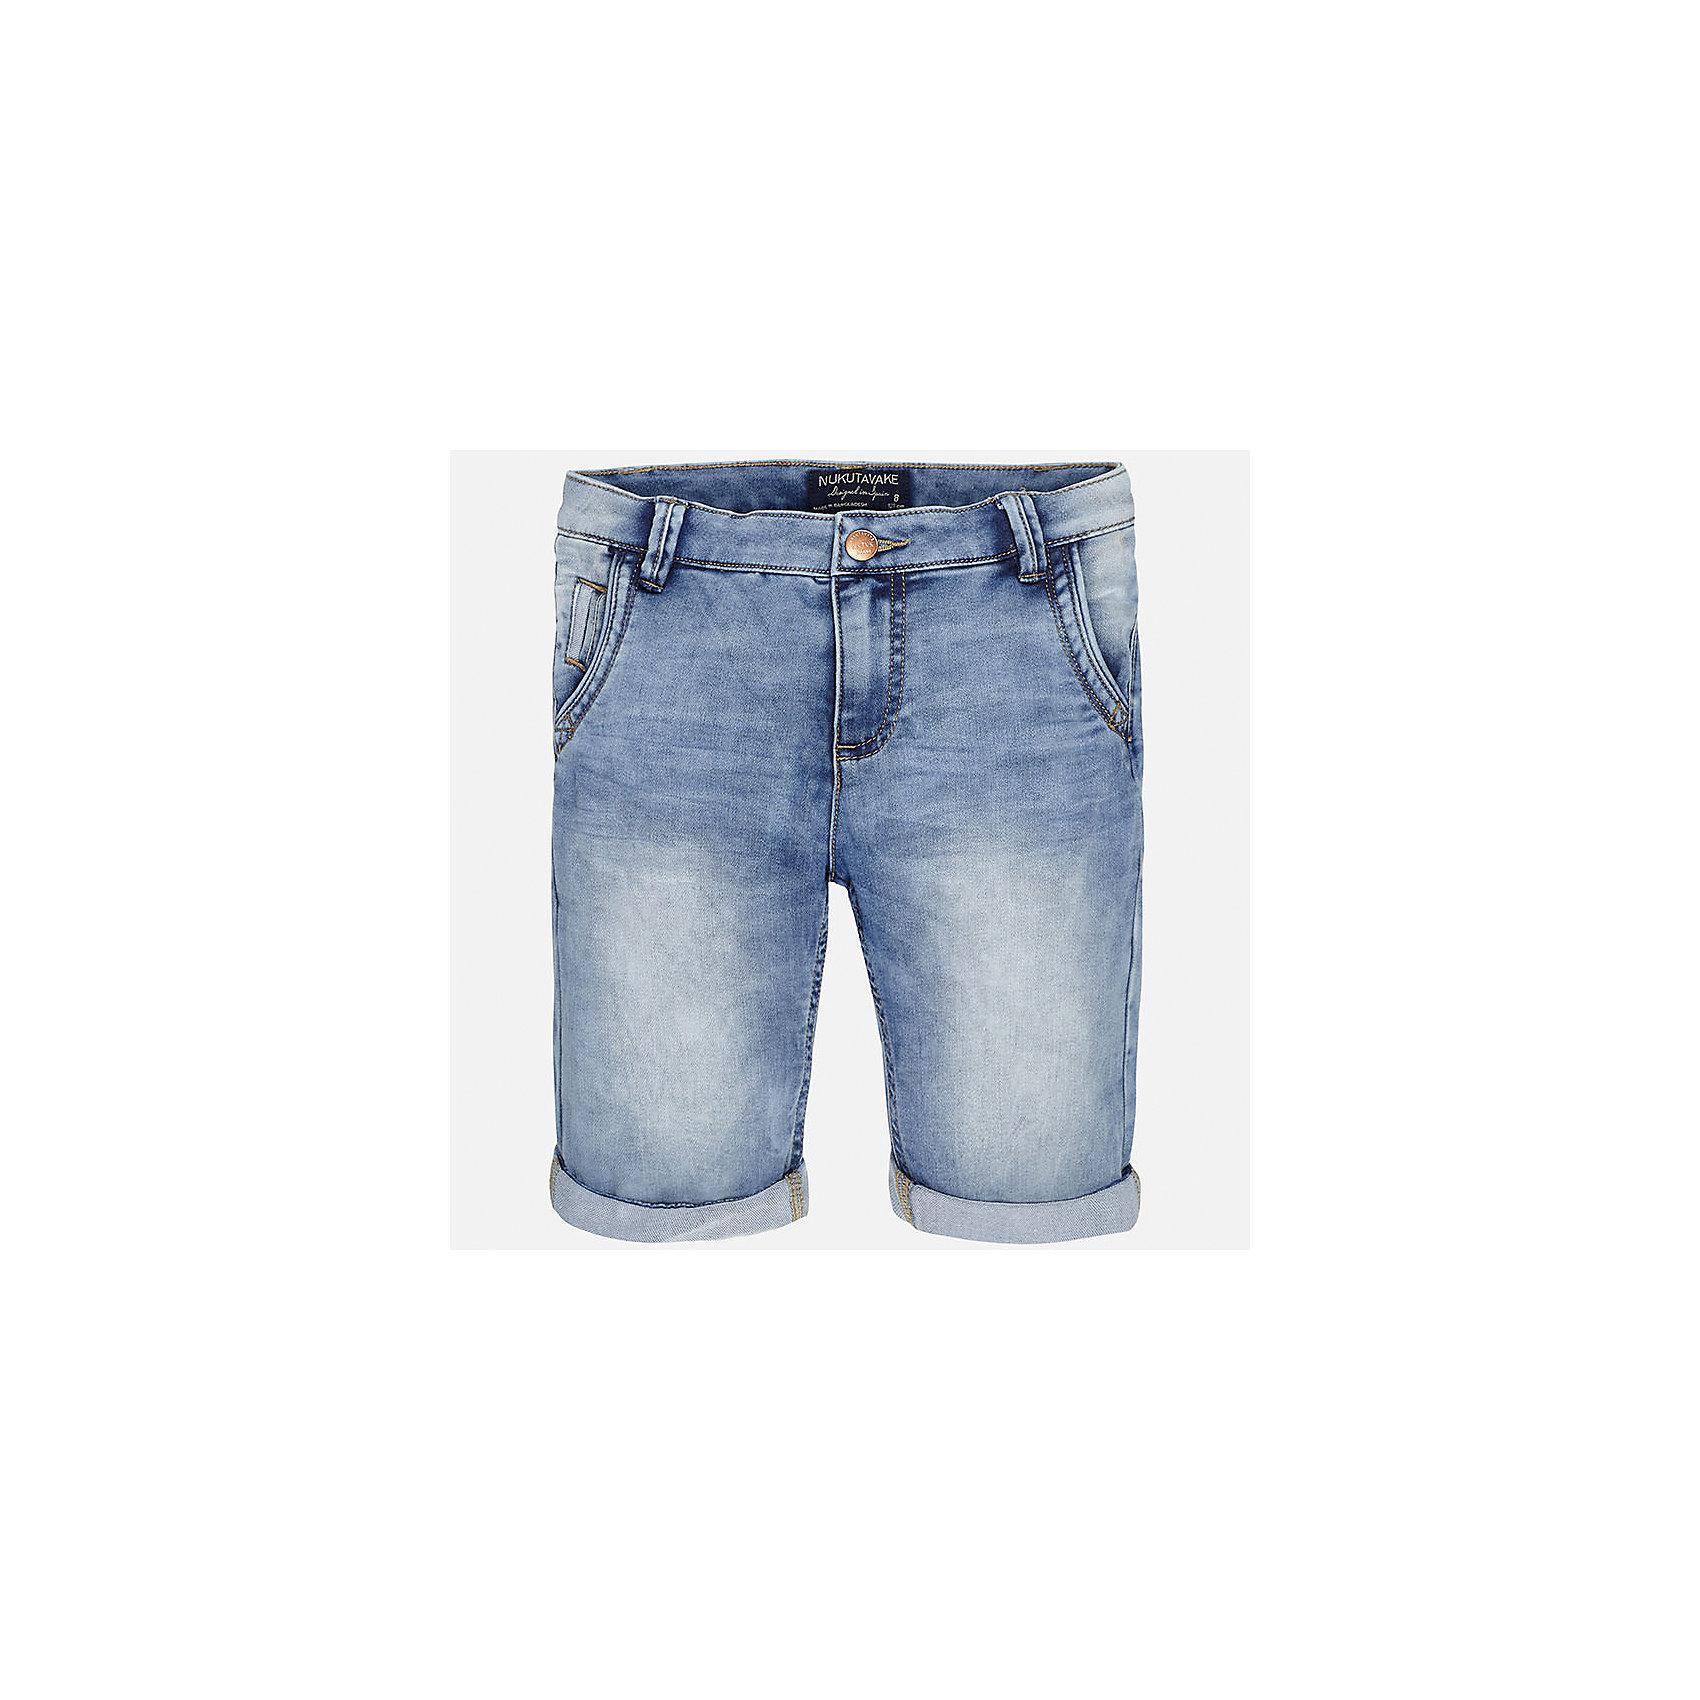 Бриджи джинсовые для мальчика MayoralХарактеристики товара:<br><br>• цвет: голубой<br>• состав: 52% хлопок, 47% полиэстер, 1% эластан<br>• шлевки<br>• карманы<br>• пояс с регулировкой объема<br>• отвороты<br>• страна бренда: Испания<br><br>Стильные шорты для мальчика смогут стать базовой вещью в гардеробе ребенка. Они отлично сочетаются с майками, футболками, рубашками и т.д. Универсальный крой и цвет позволяет подобрать к вещи верх разных расцветок. Практичное и стильное изделие! В составе материала - натуральный хлопок, гипоаллергенный, приятный на ощупь, дышащий.<br><br>Одежда, обувь и аксессуары от испанского бренда Mayoral полюбились детям и взрослым по всему миру. Модели этой марки - стильные и удобные. Для их производства используются только безопасные, качественные материалы и фурнитура. Порадуйте ребенка модными и красивыми вещами от Mayoral! <br><br>Шорты для мальчика от испанского бренда Mayoral (Майорал) можно купить в нашем интернет-магазине.<br><br>Ширина мм: 191<br>Глубина мм: 10<br>Высота мм: 175<br>Вес г: 273<br>Цвет: синий<br>Возраст от месяцев: 156<br>Возраст до месяцев: 168<br>Пол: Мужской<br>Возраст: Детский<br>Размер: 170,128/134,140,152,158,164<br>SKU: 5281790